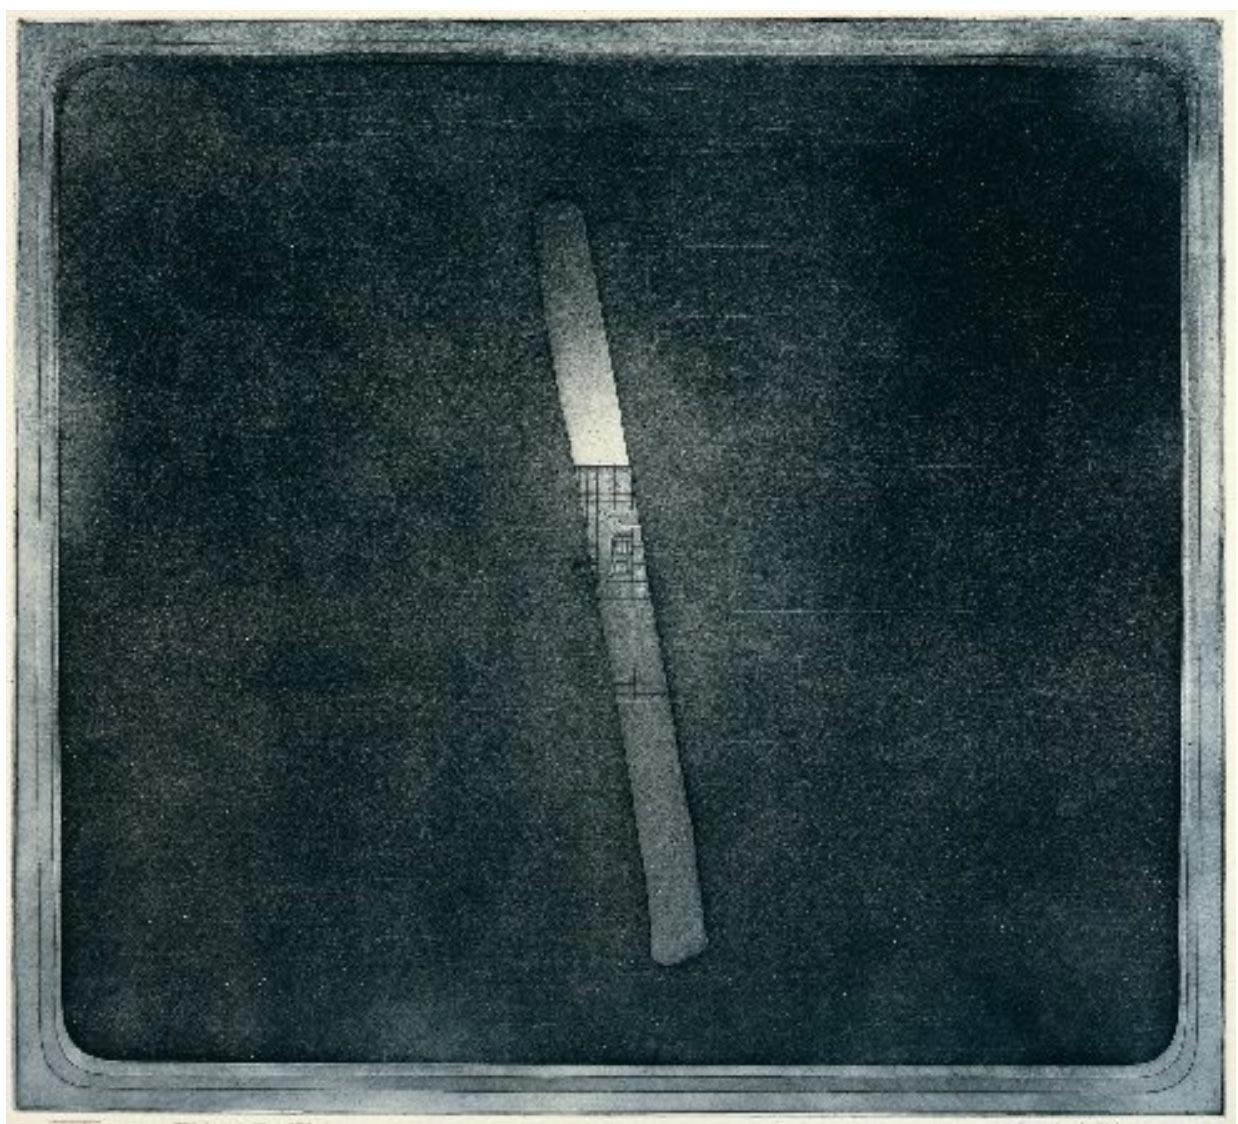 XVIII   1973  49,5x47,6 cm